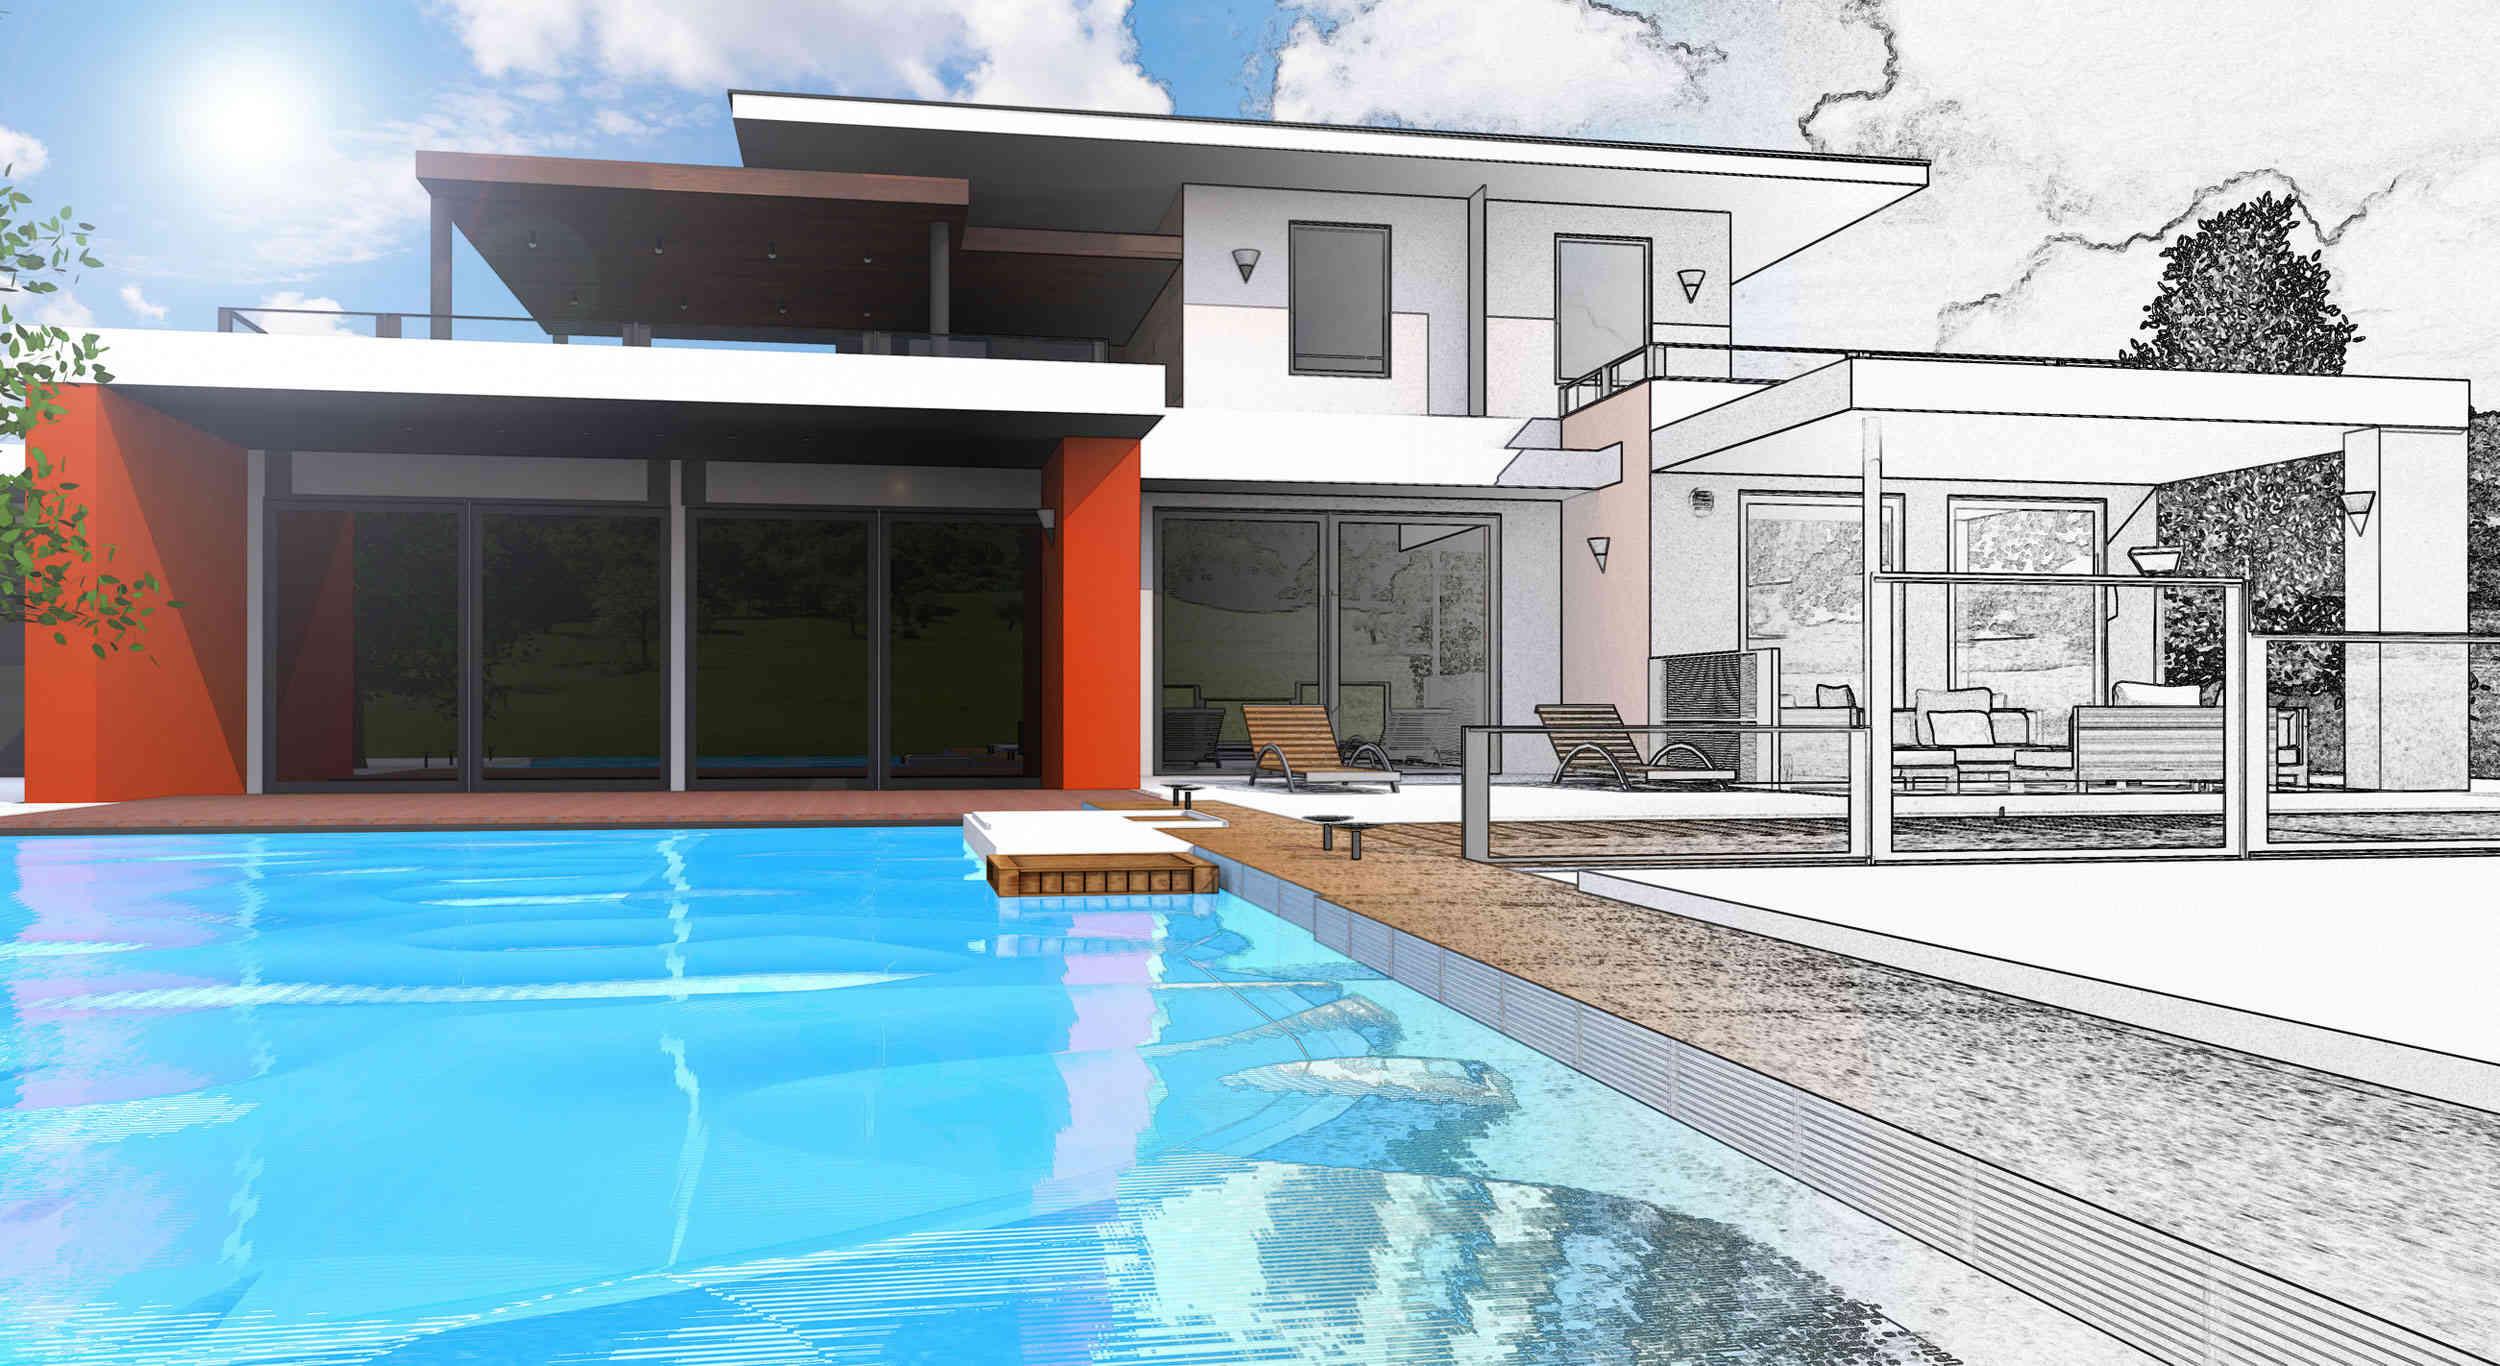 Construction de maison individuelle besan on cronos for Construction de maison individuelle